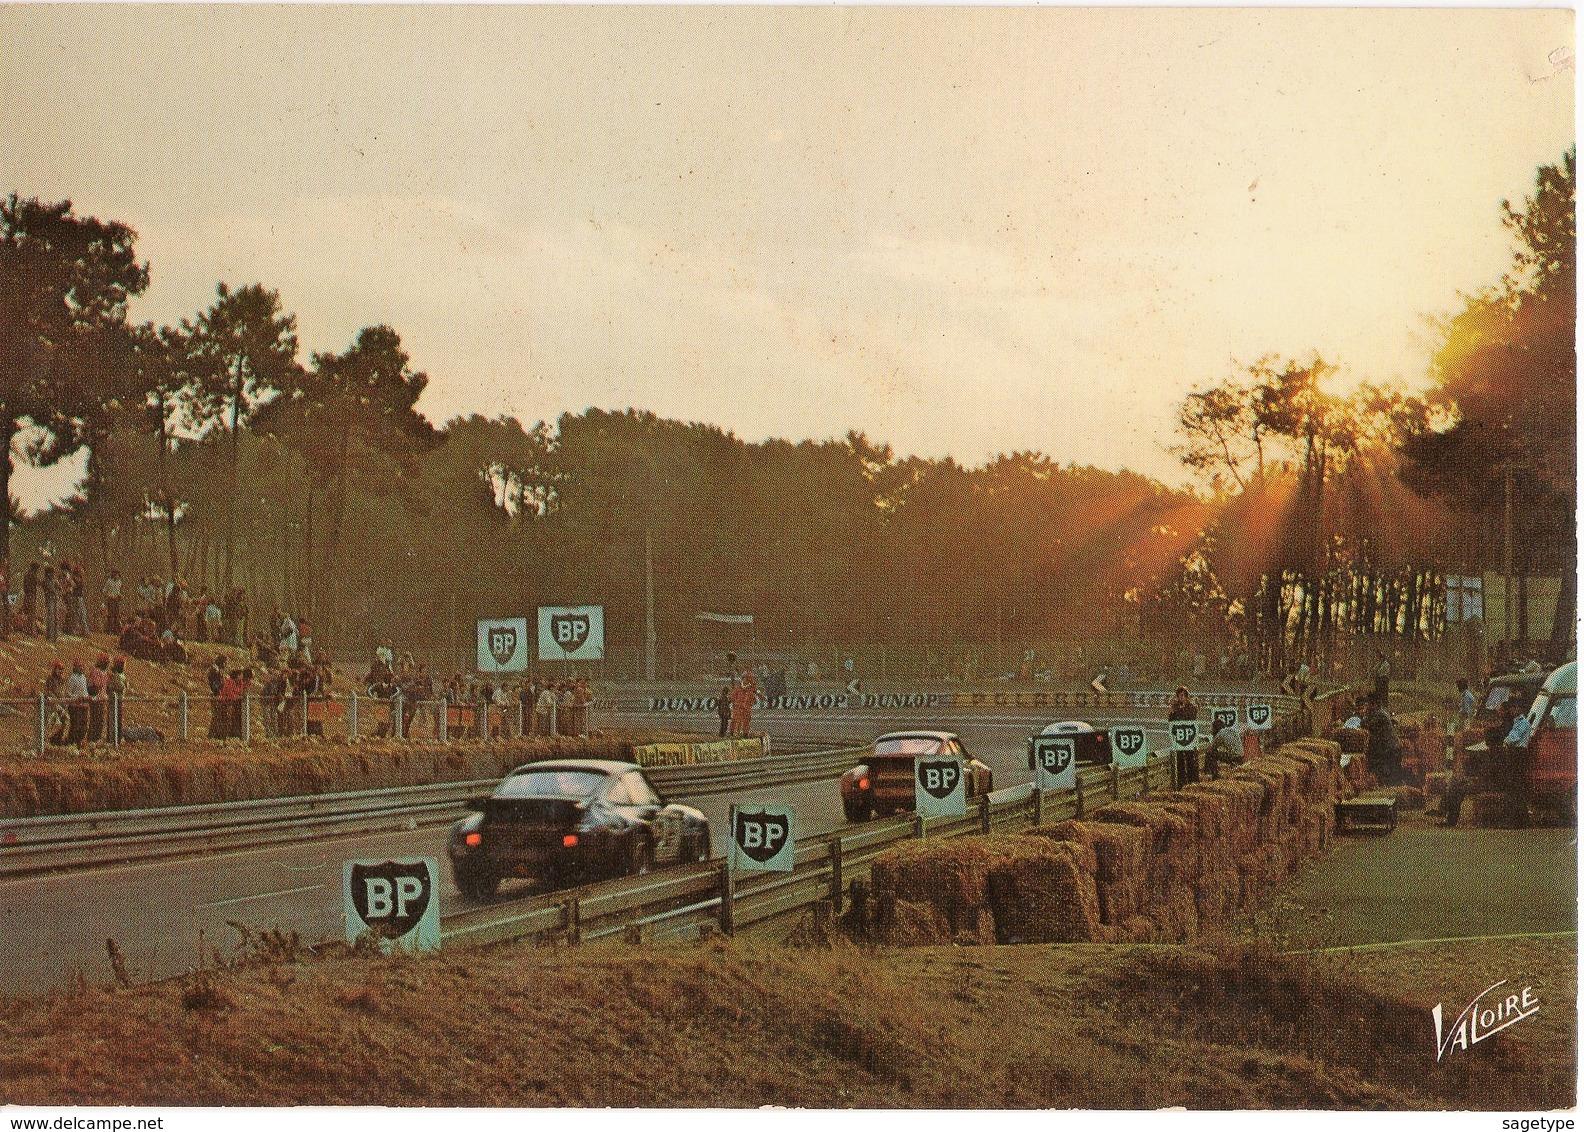 72 . LE MANS . CIRCUIT DES 24 HEURES . Le Jour Se Lève Sur La Célèbre Course Automobile - Valoire 24574 - Le Mans